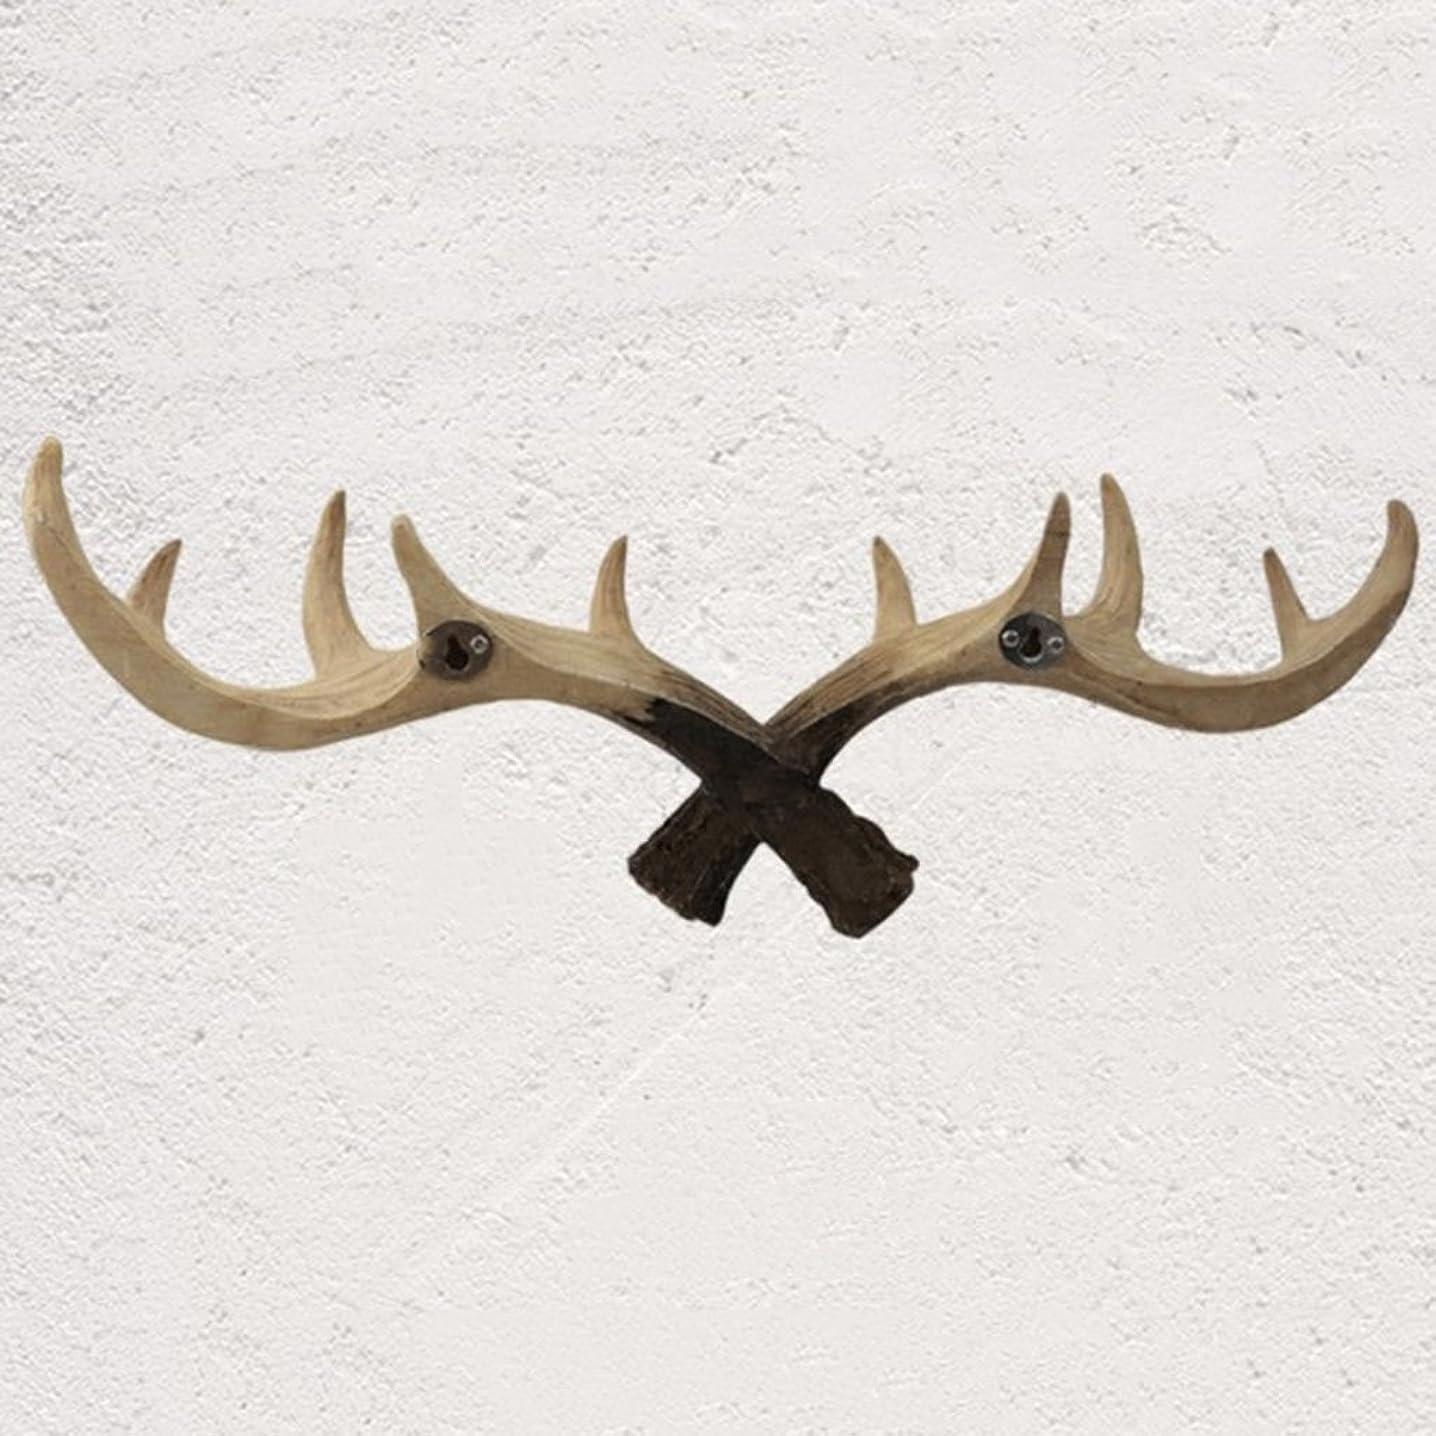 試用腐敗樫の木WZ フックアップ - フックアップ服フックレトロソリッドウッドアントラーフックウォールデコレーションコートフック(サイズ50X18CM) 装飾用壁フック (Color : B)